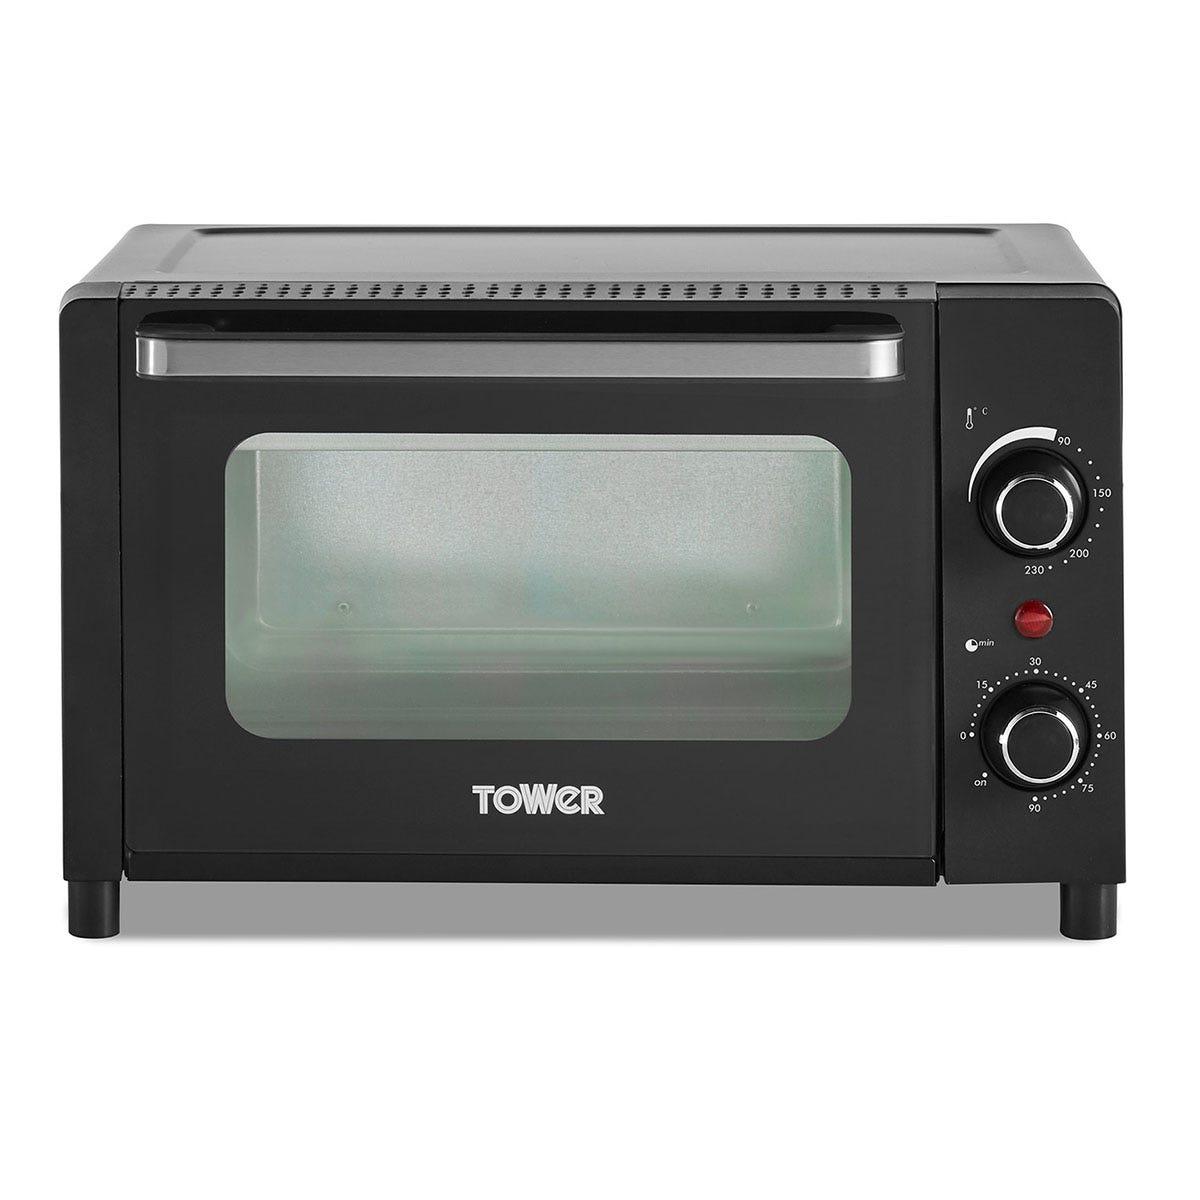 Tower DYT14042 12L Mini Oven - Black